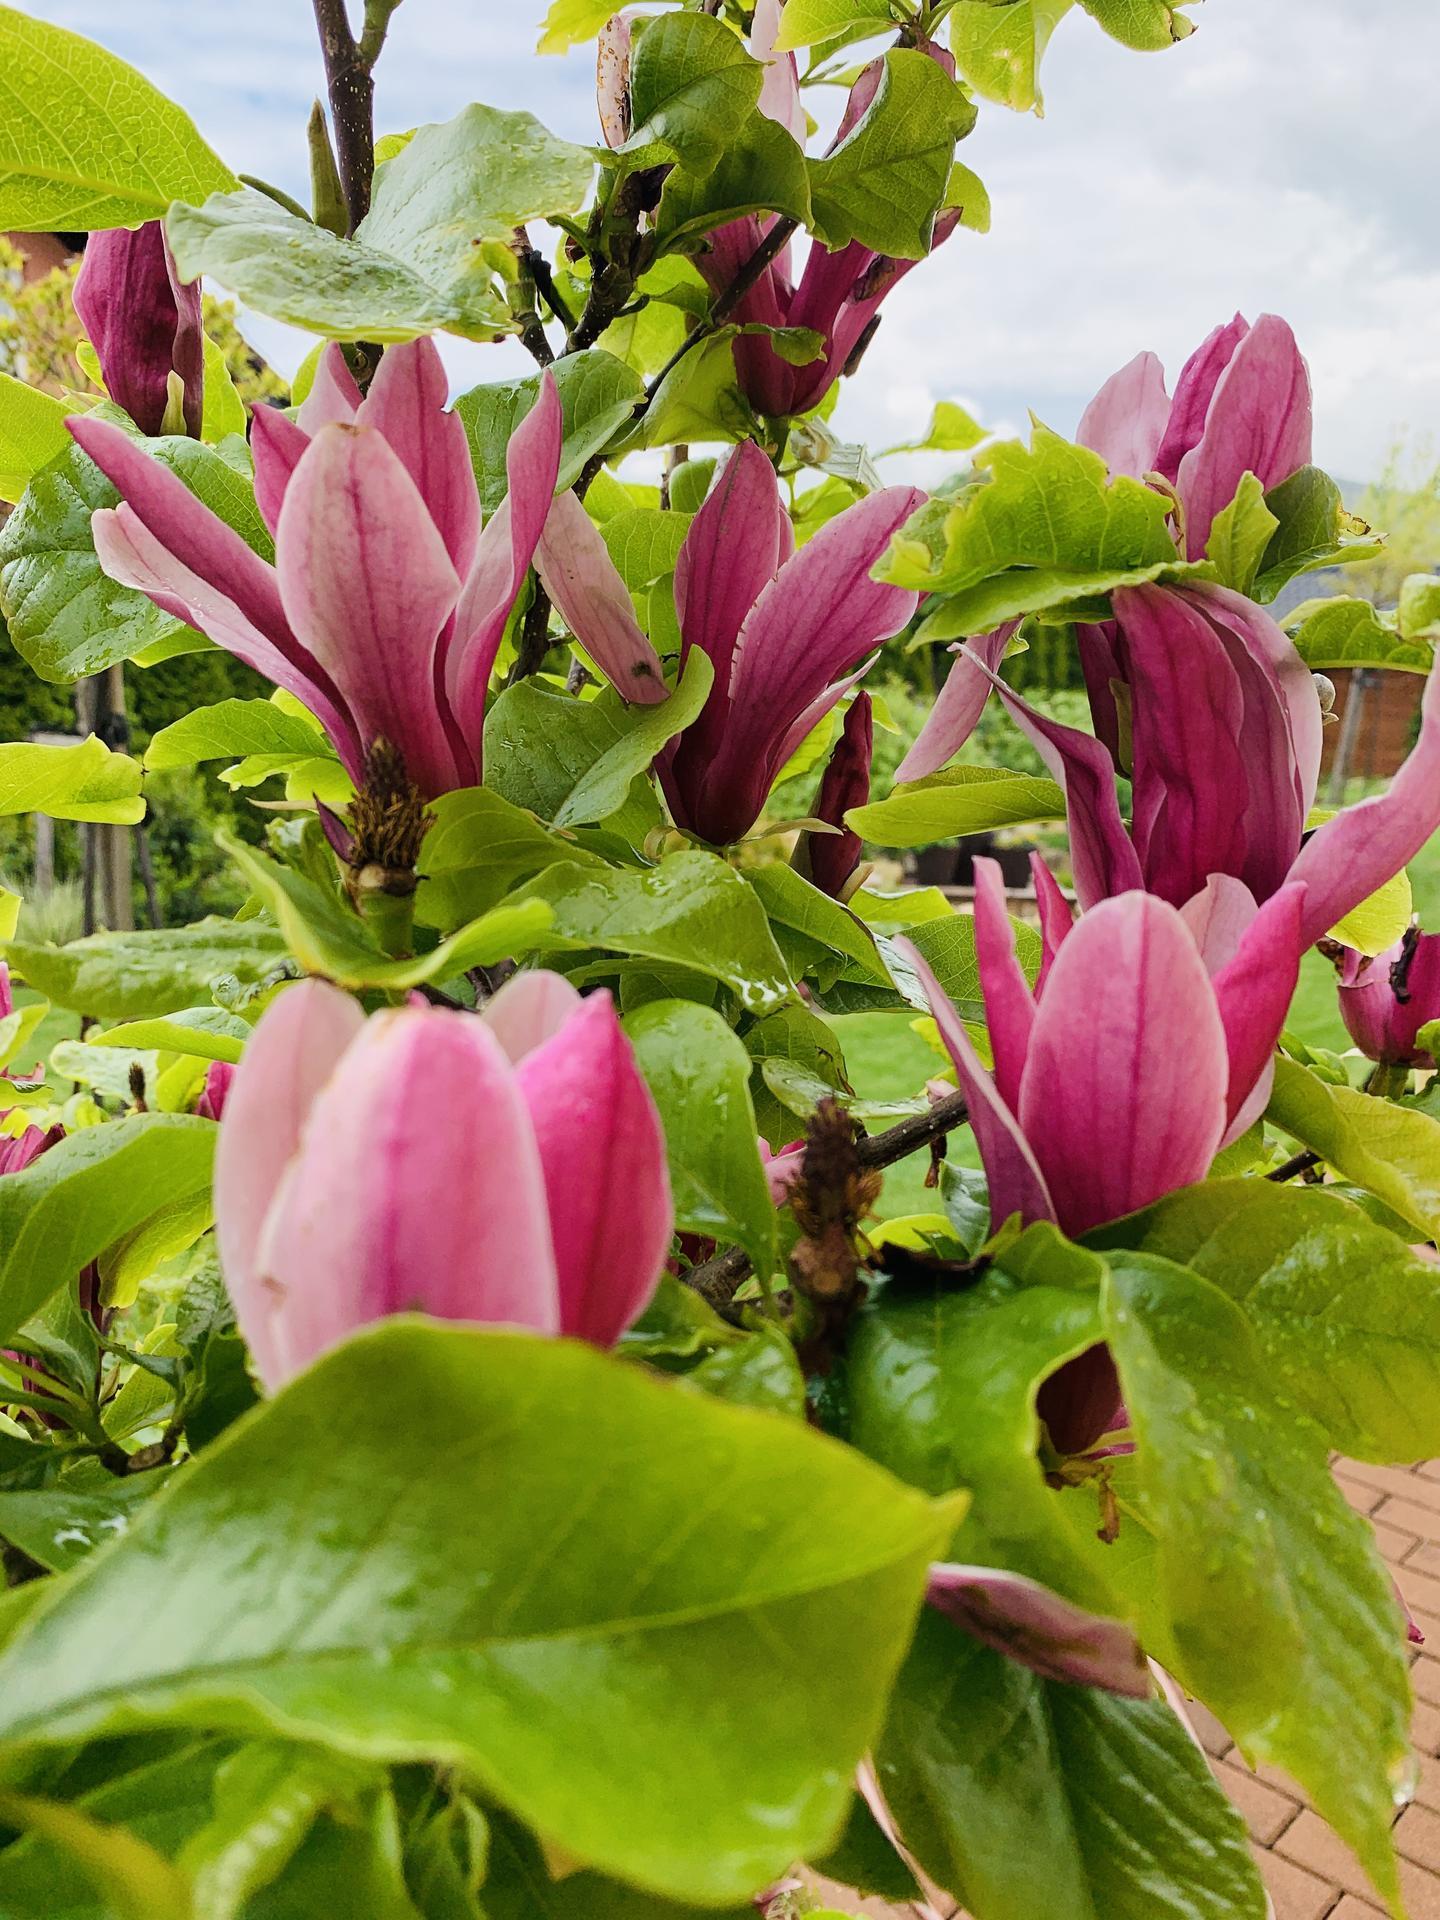 Naše barevná zahrada 🌸 - Magnolie v květu, odrůda Nigra. Kvete dlouho a jak krásní voní 🤗